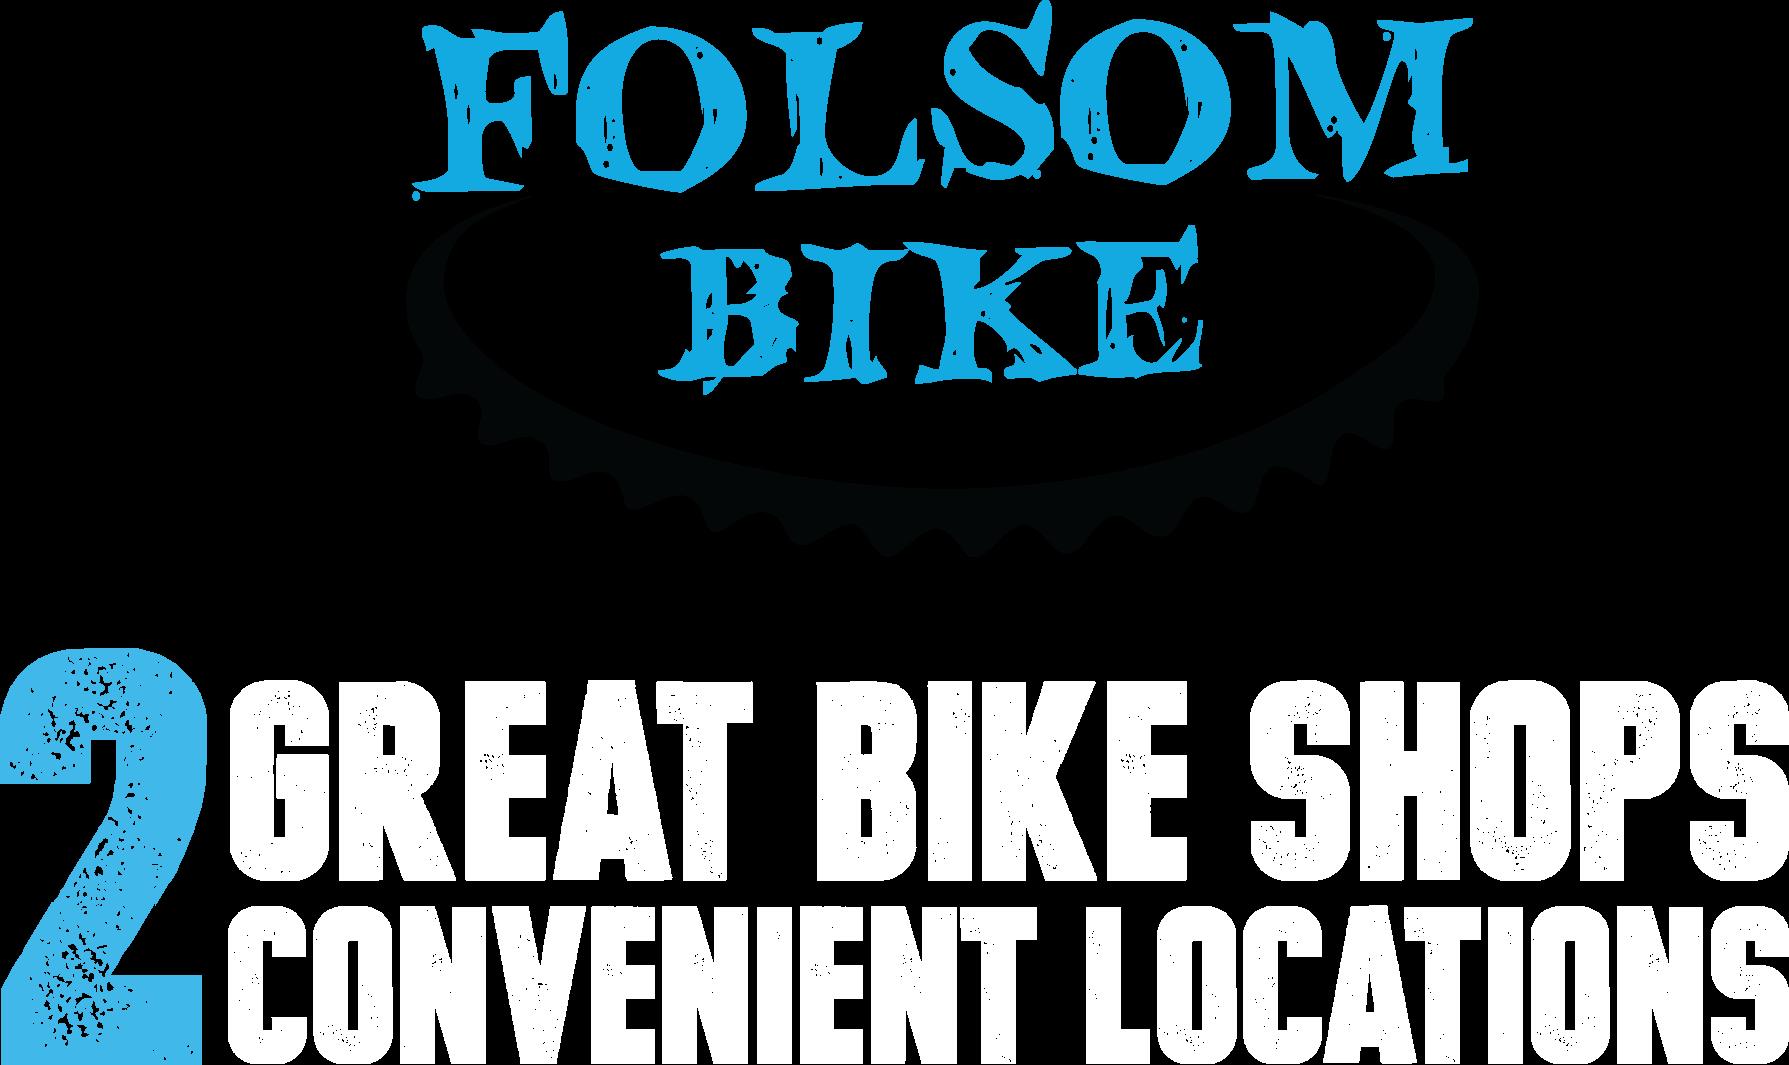 2 Great Bike Shops Color Logo